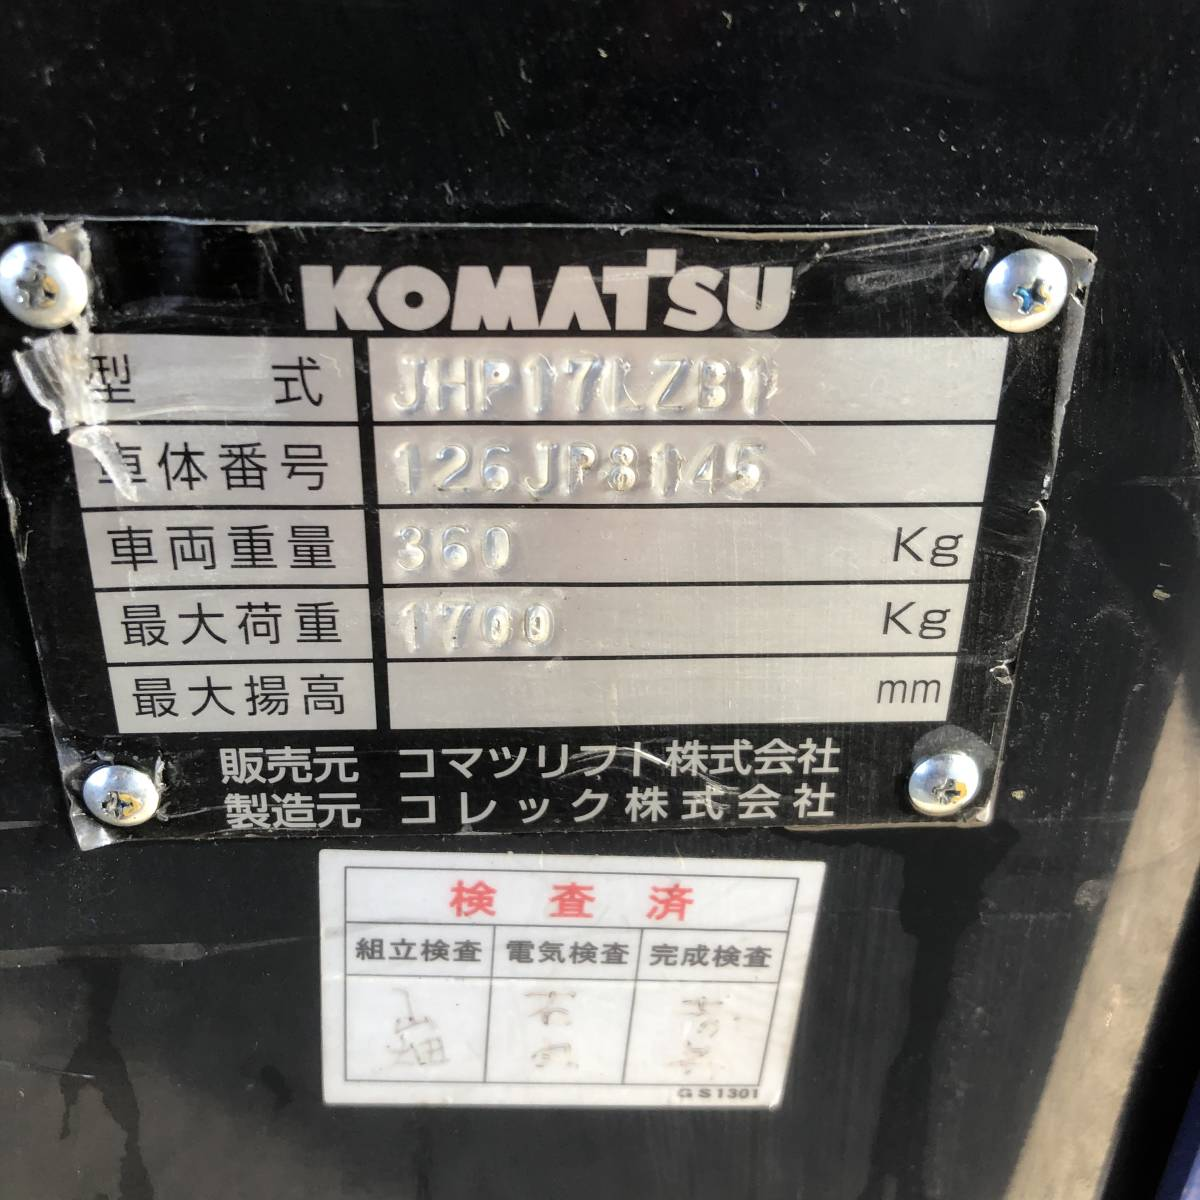 「◆コマツ KOREC コレック JP17 電動ハンドリフト JHP17LZB1 1700kg リフト 岐阜発 1/14」の画像3